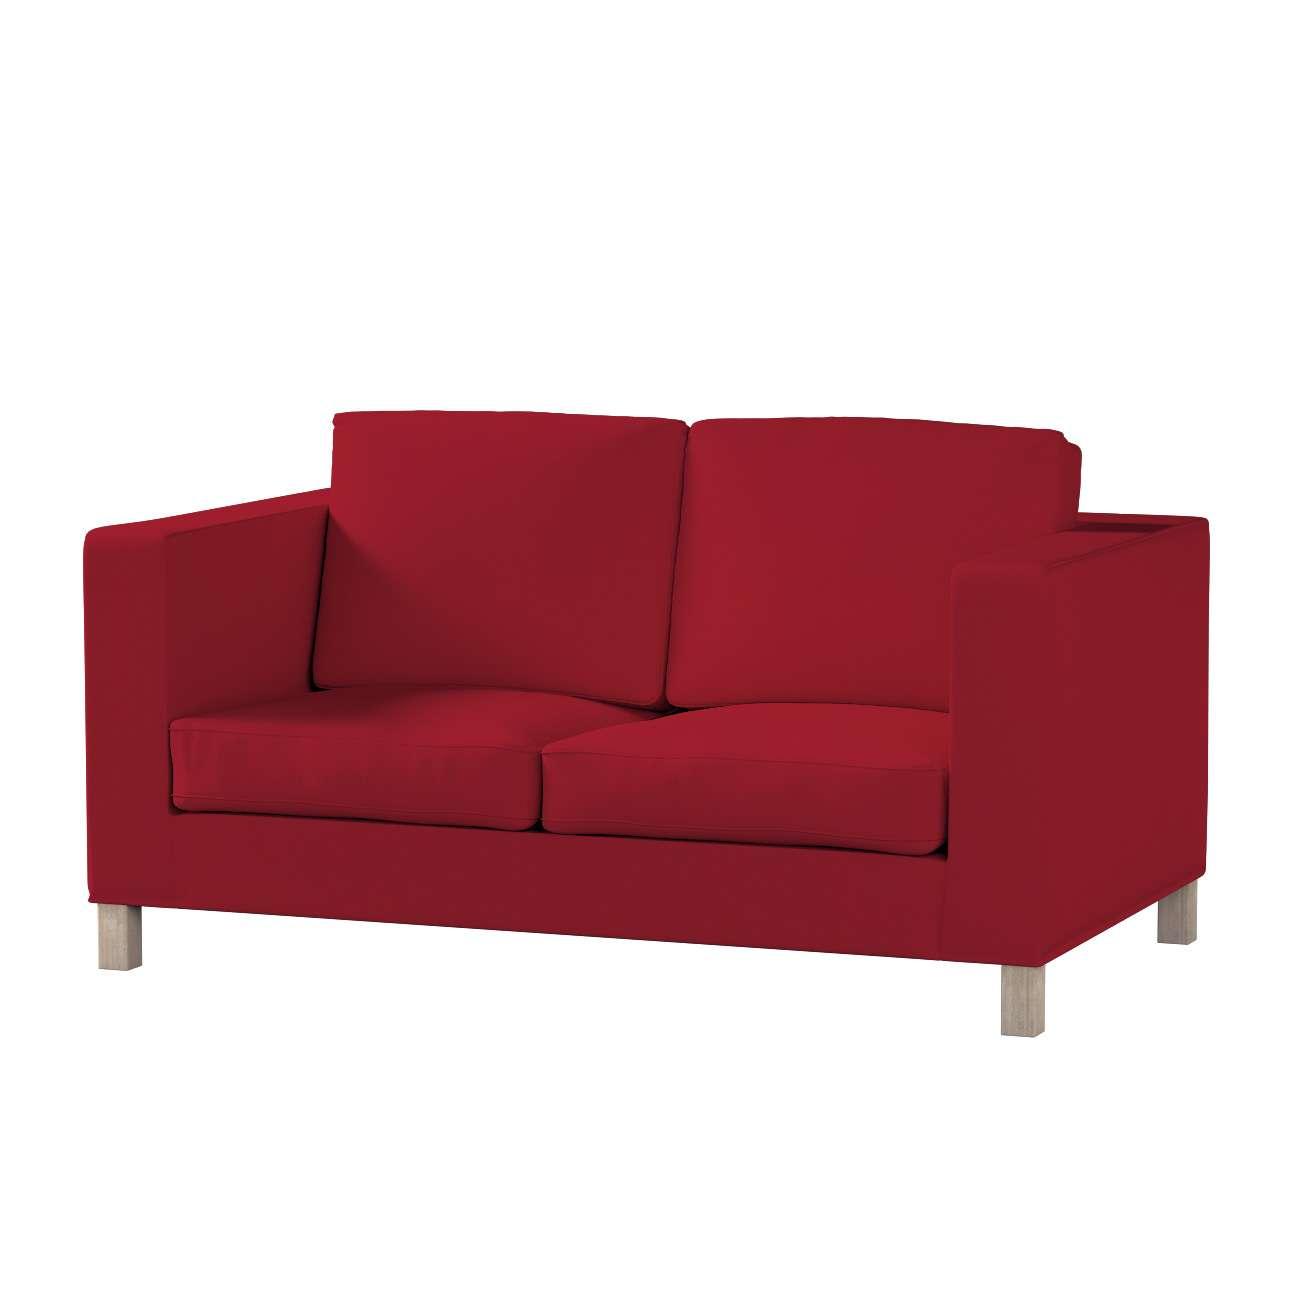 Pokrowiec na sofę Karlanda 2-osobową nierozkładaną, krótki Sofa Karlanda 2-os w kolekcji Chenille, tkanina: 702-24